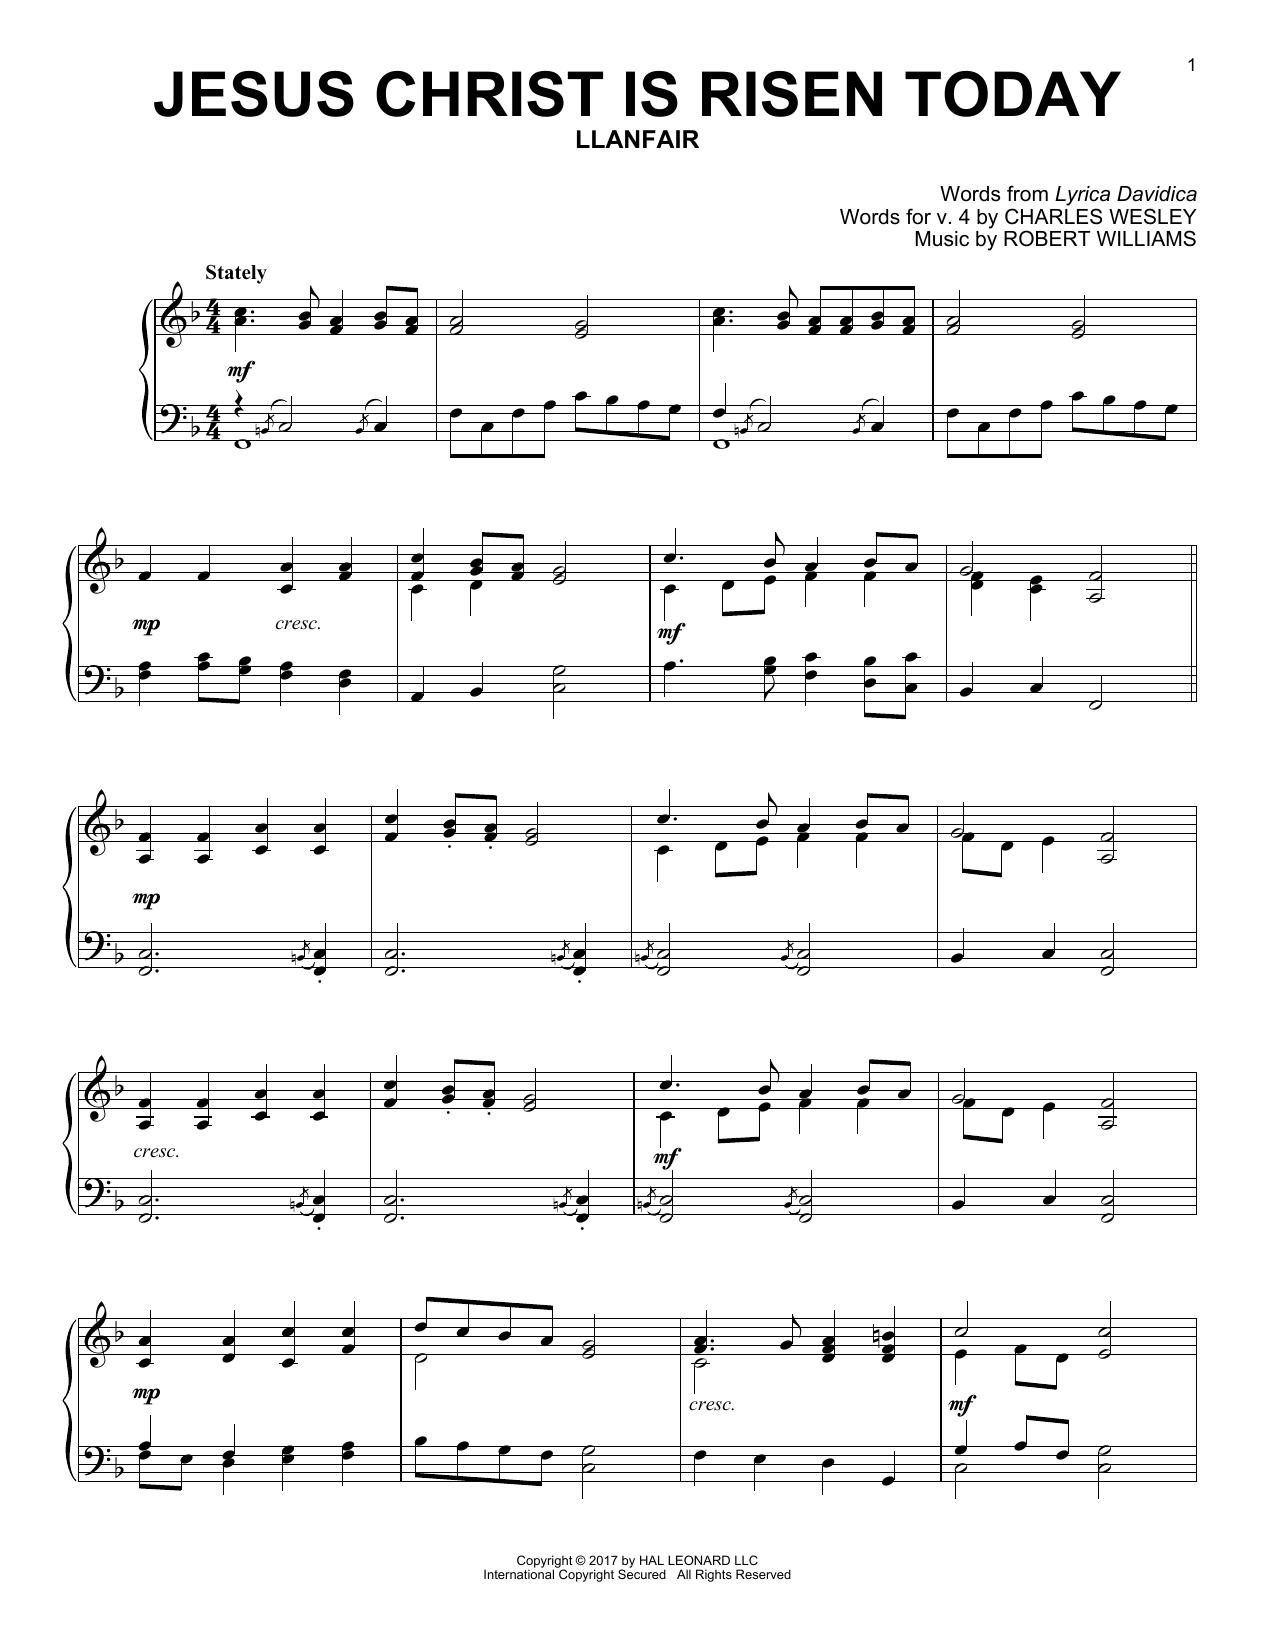 Sheet Music Digital Files To Print Licensed Lyra Davidica Digital